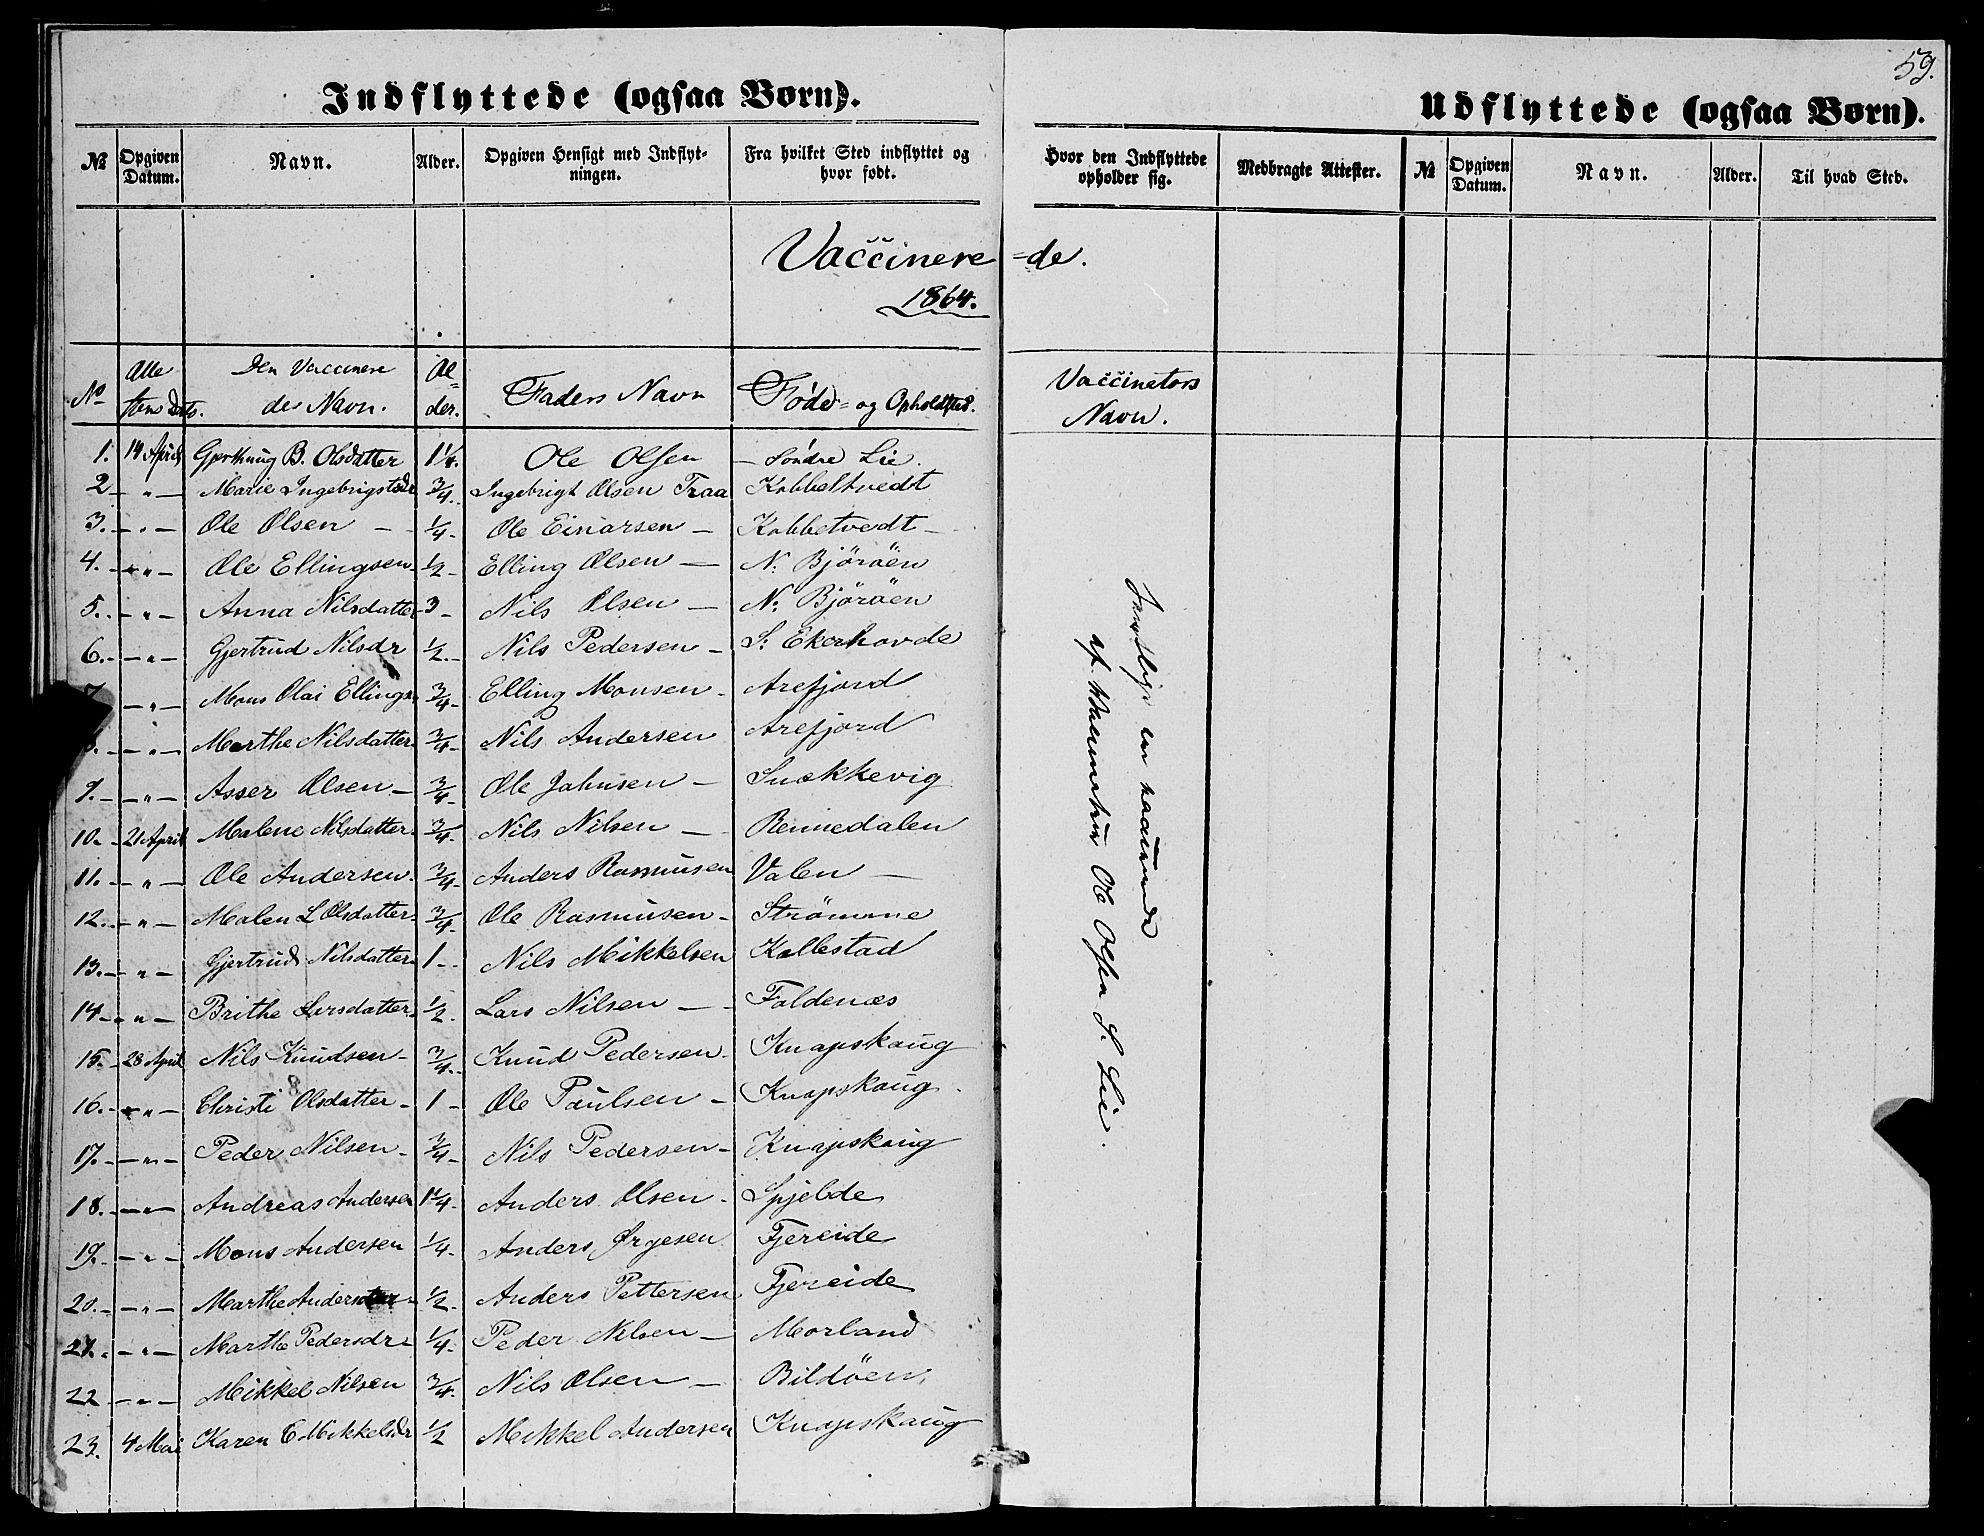 SAB, Fjell sokneprestembete, H/Haa: Ministerialbok nr. A 4, 1851-1870, s. 59